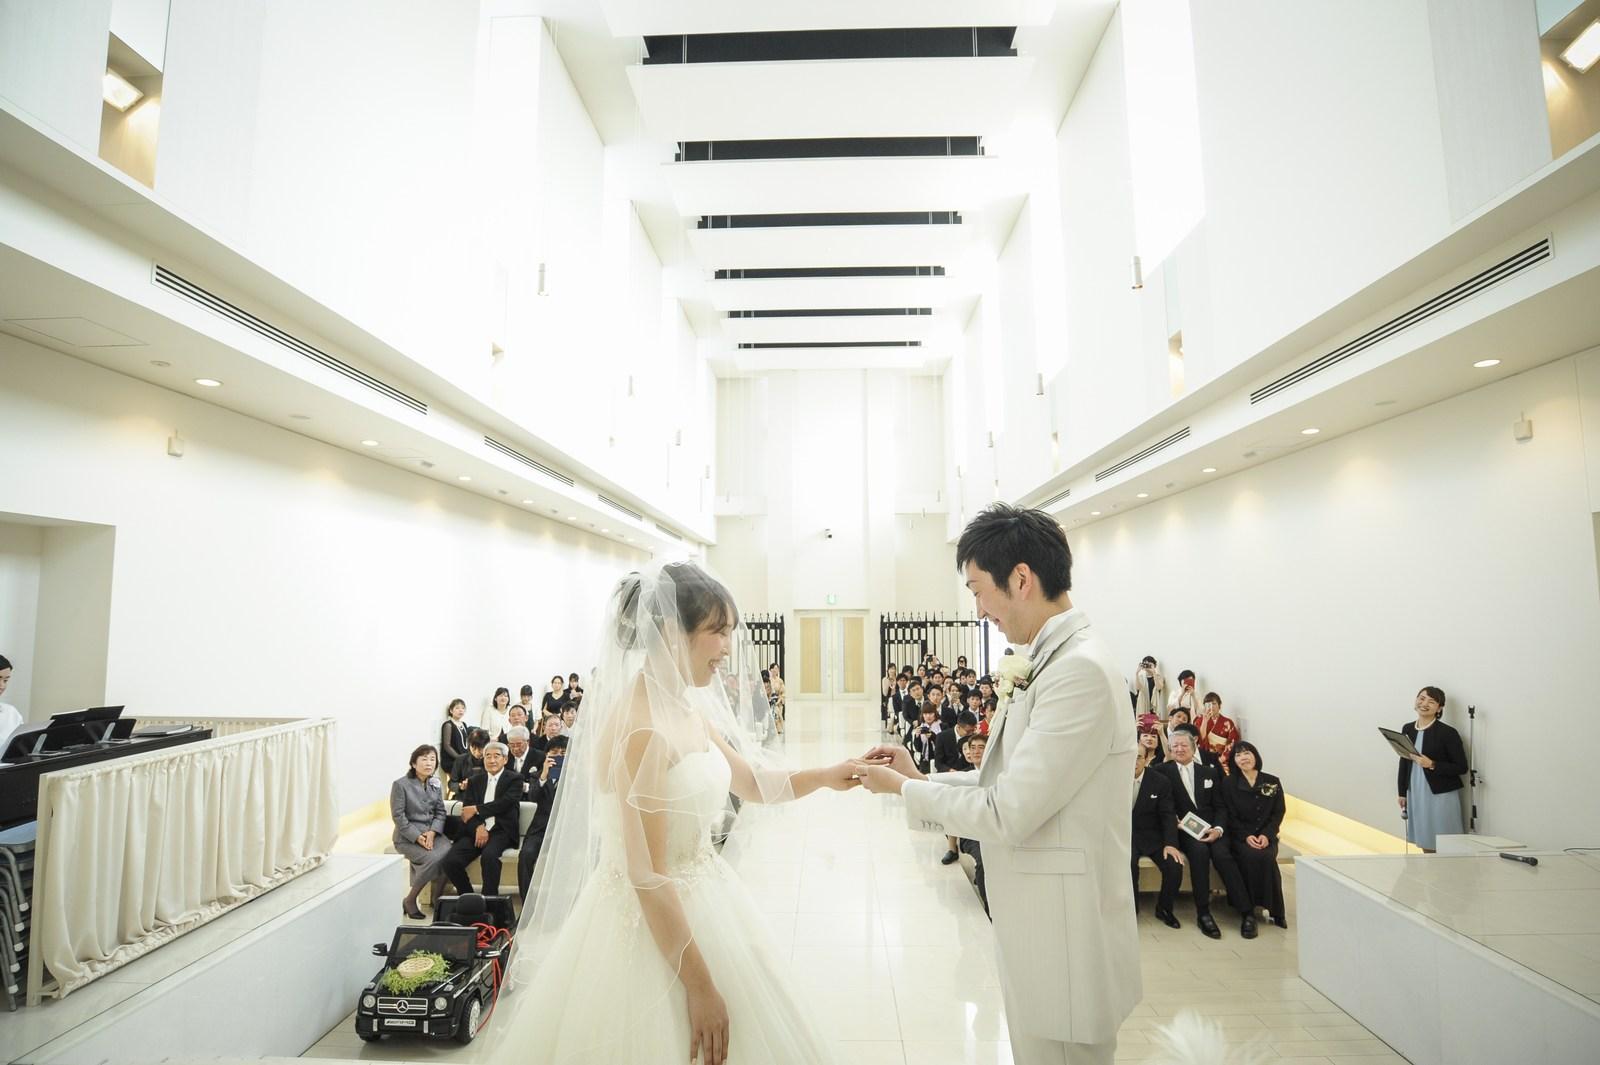 徳島市の結婚式場ブランアンジュで挙式での新郎新婦様の指輪の交換